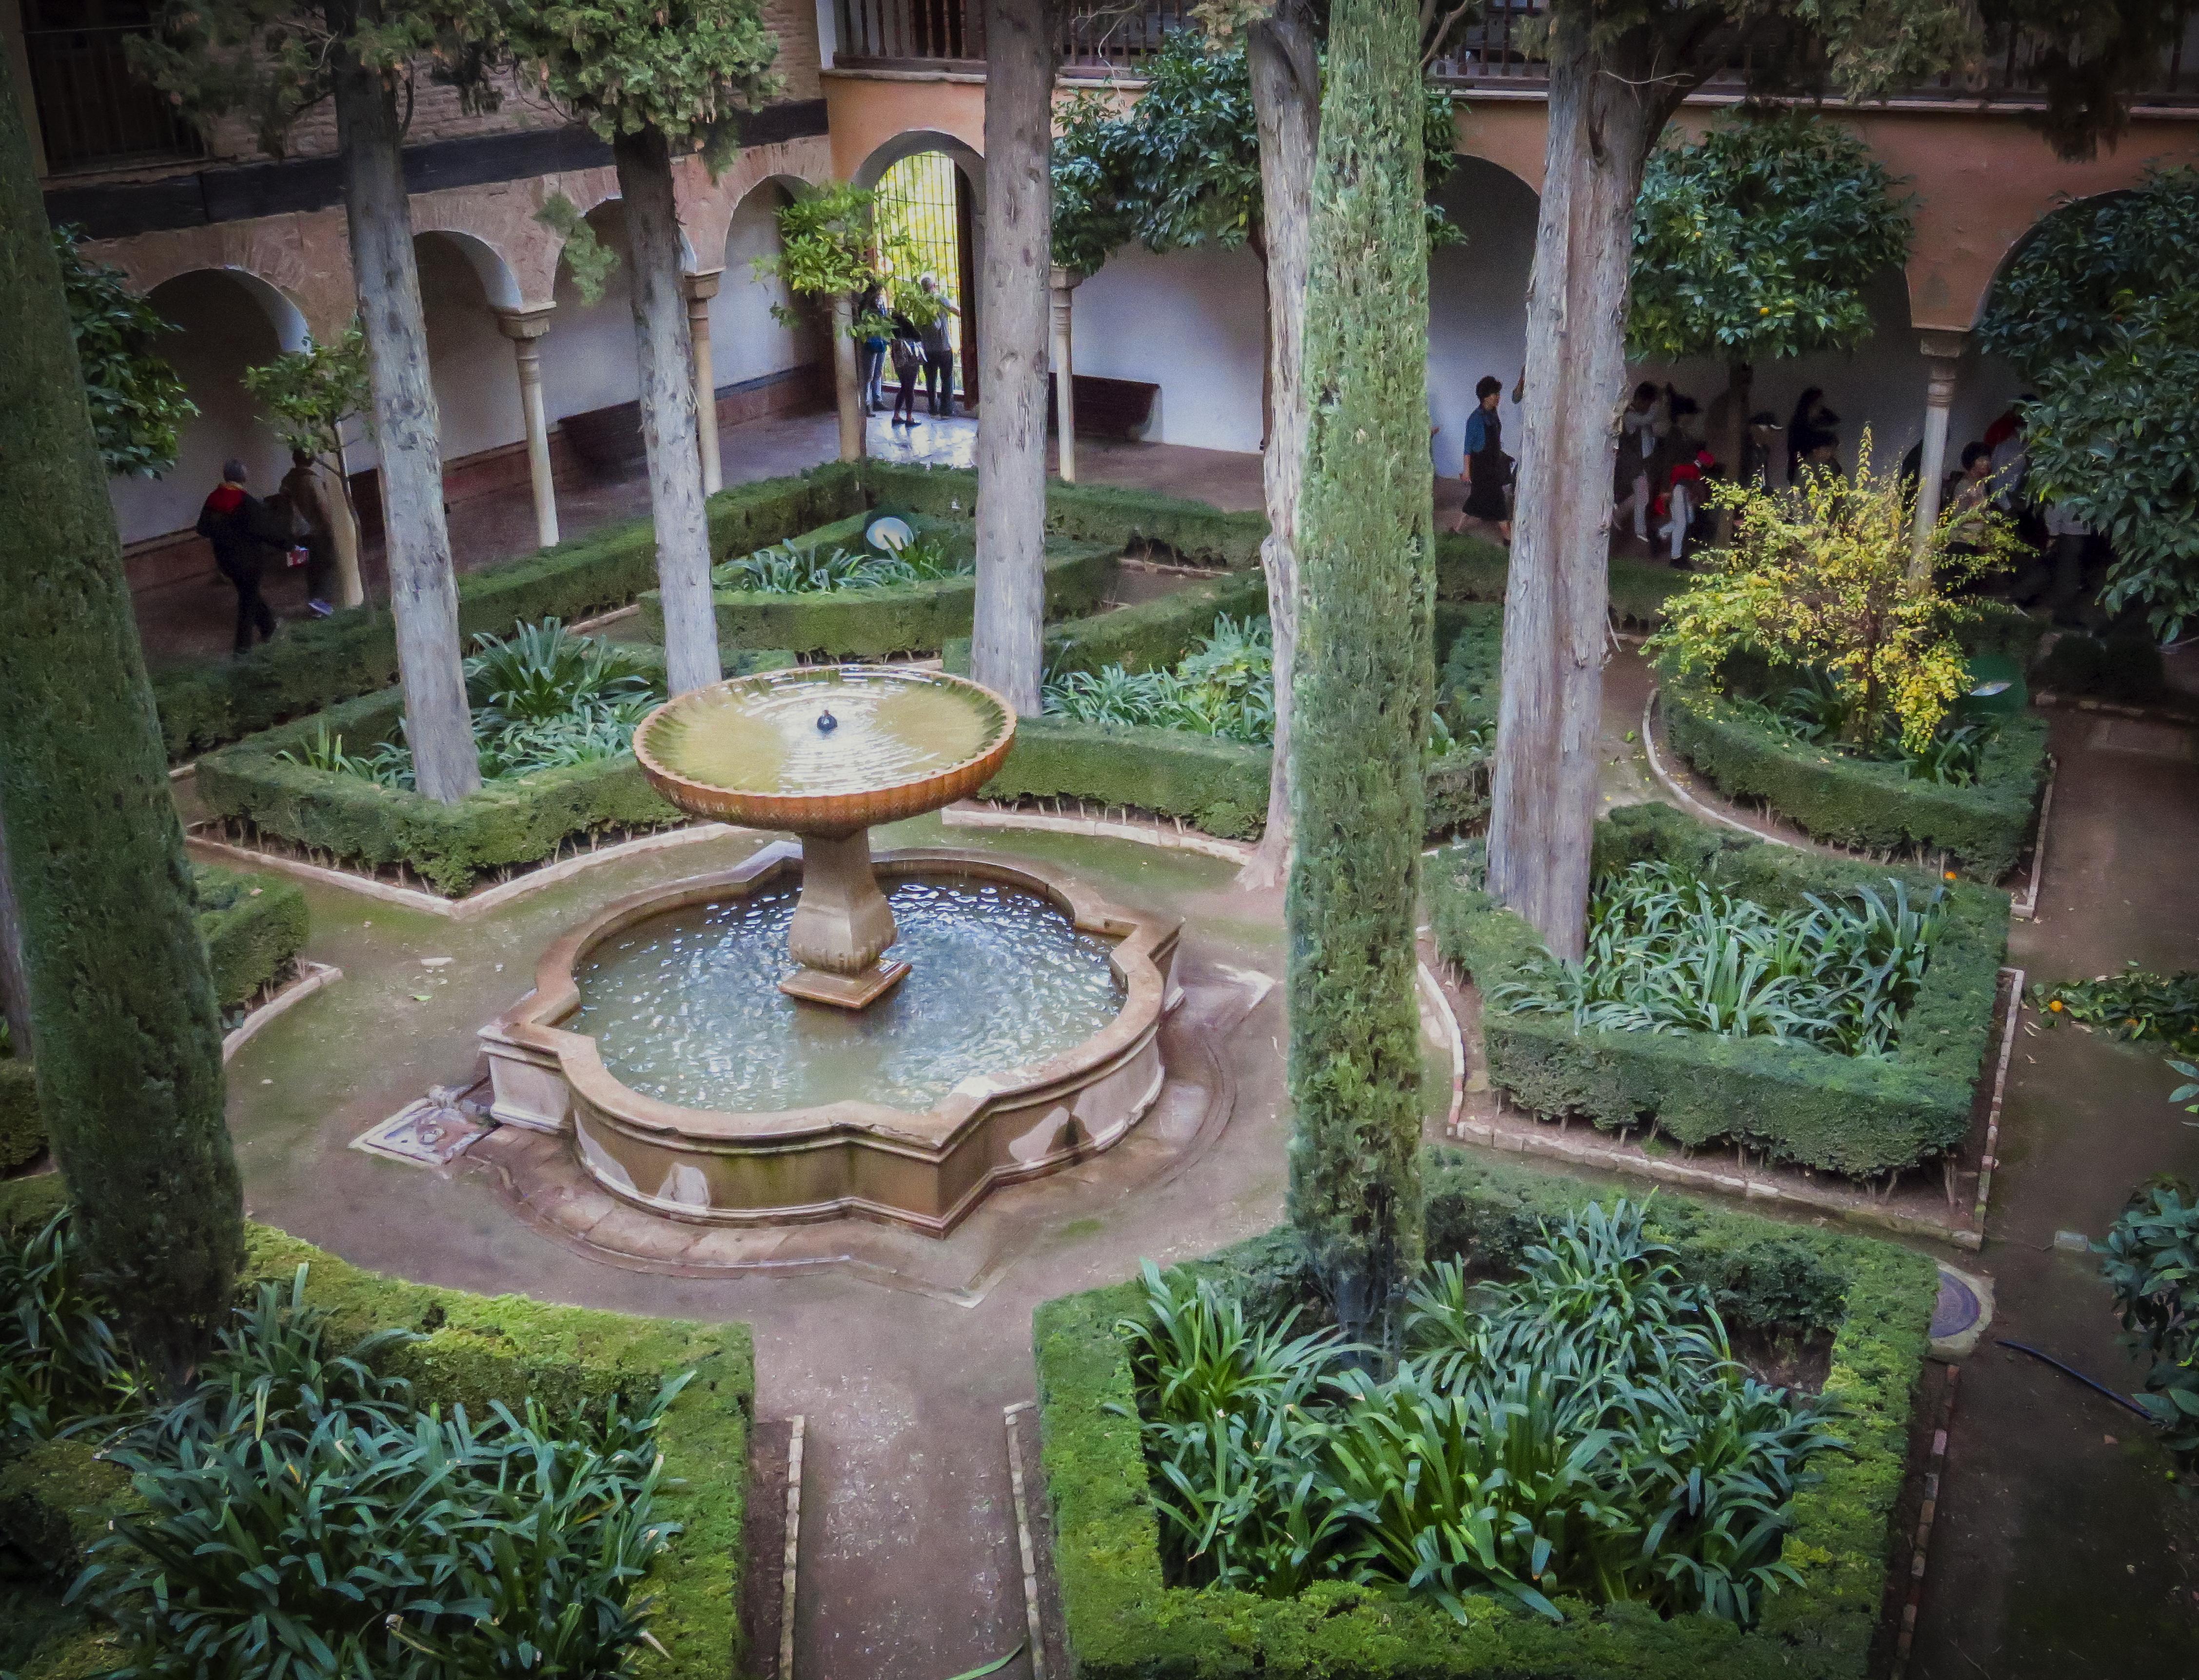 Hintergrundbilder : Landschaft, Bunt, Wasser, Gras, Pflanzen, Grün,  Spanien, Sträuche, Teich, Laub, Brunnen, Frieden, Hinterhof, Granada,  Alhambra, ...